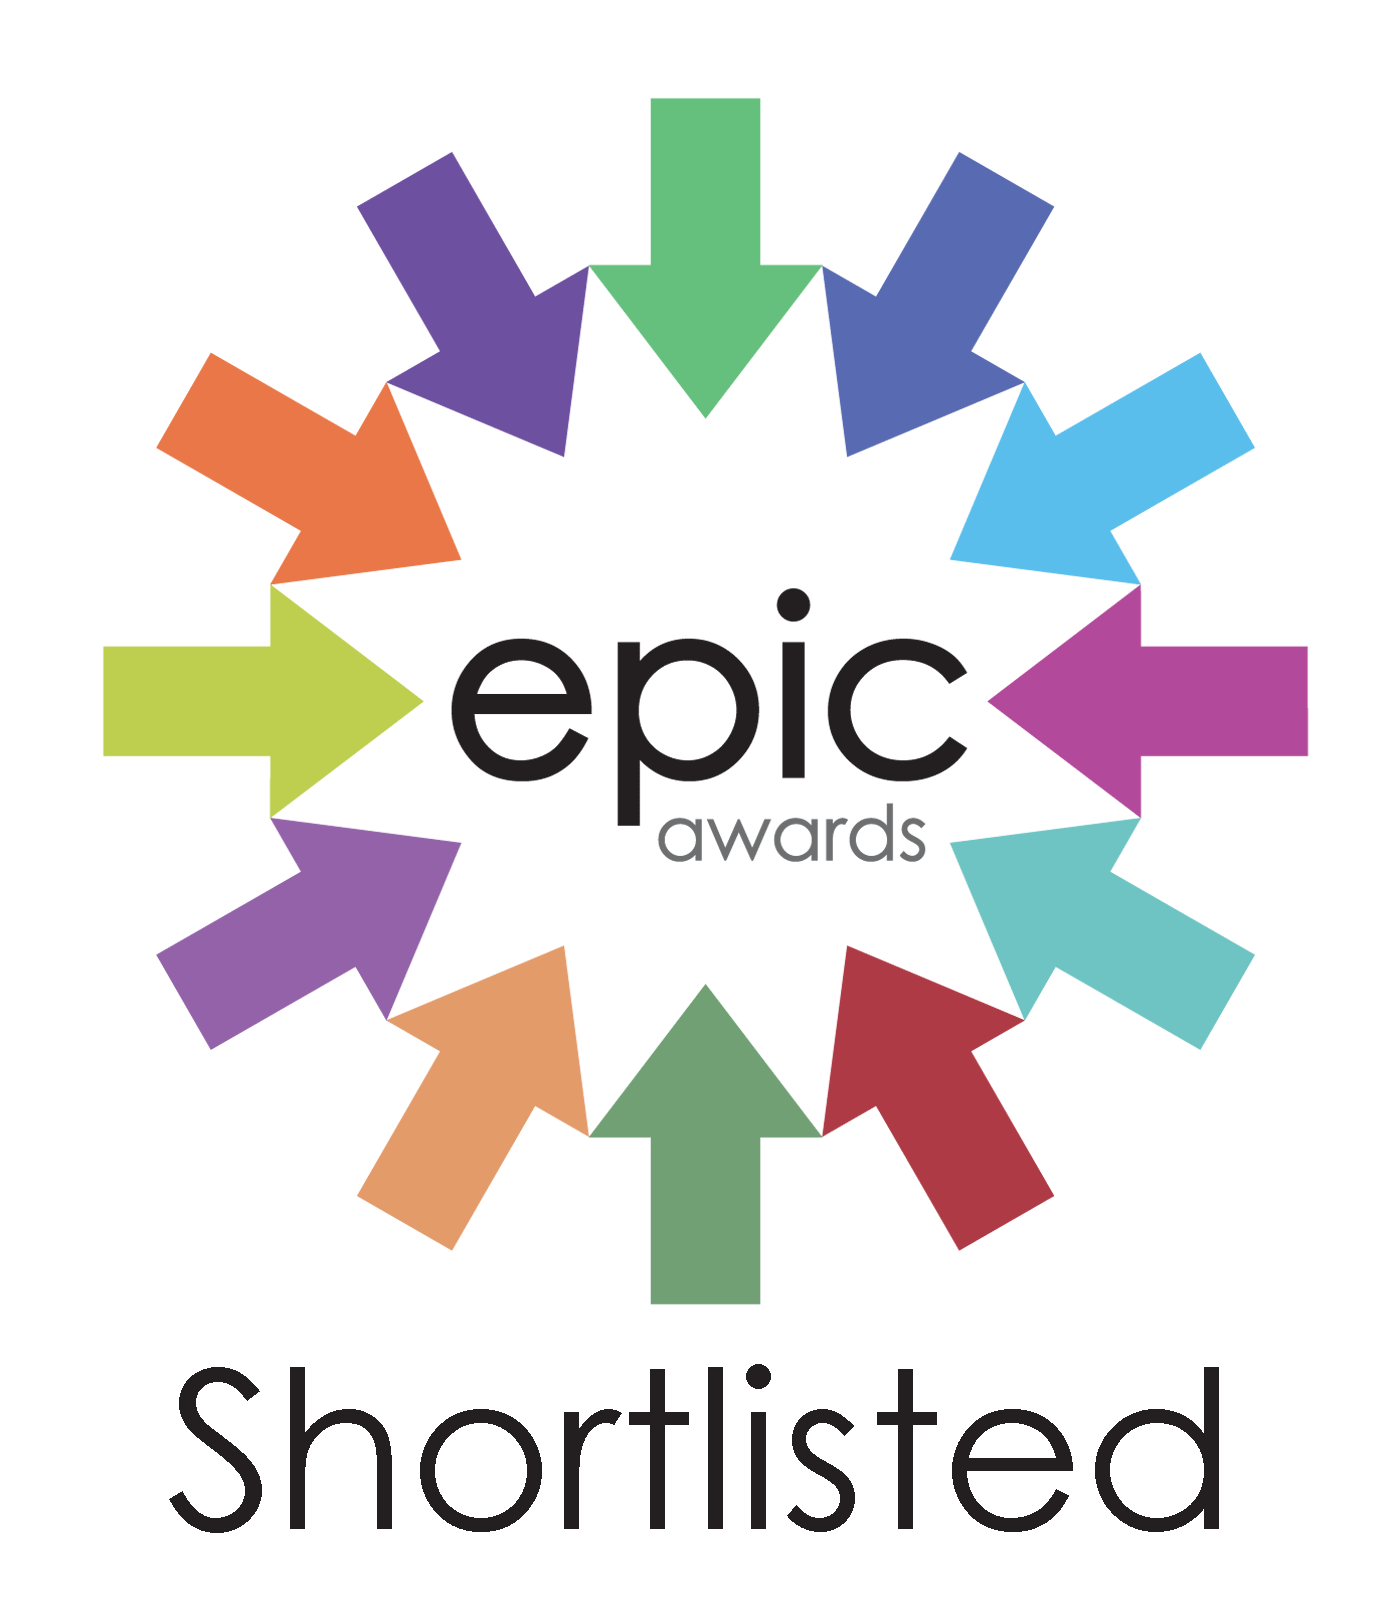 Epic-Awards-shortlisted-logo